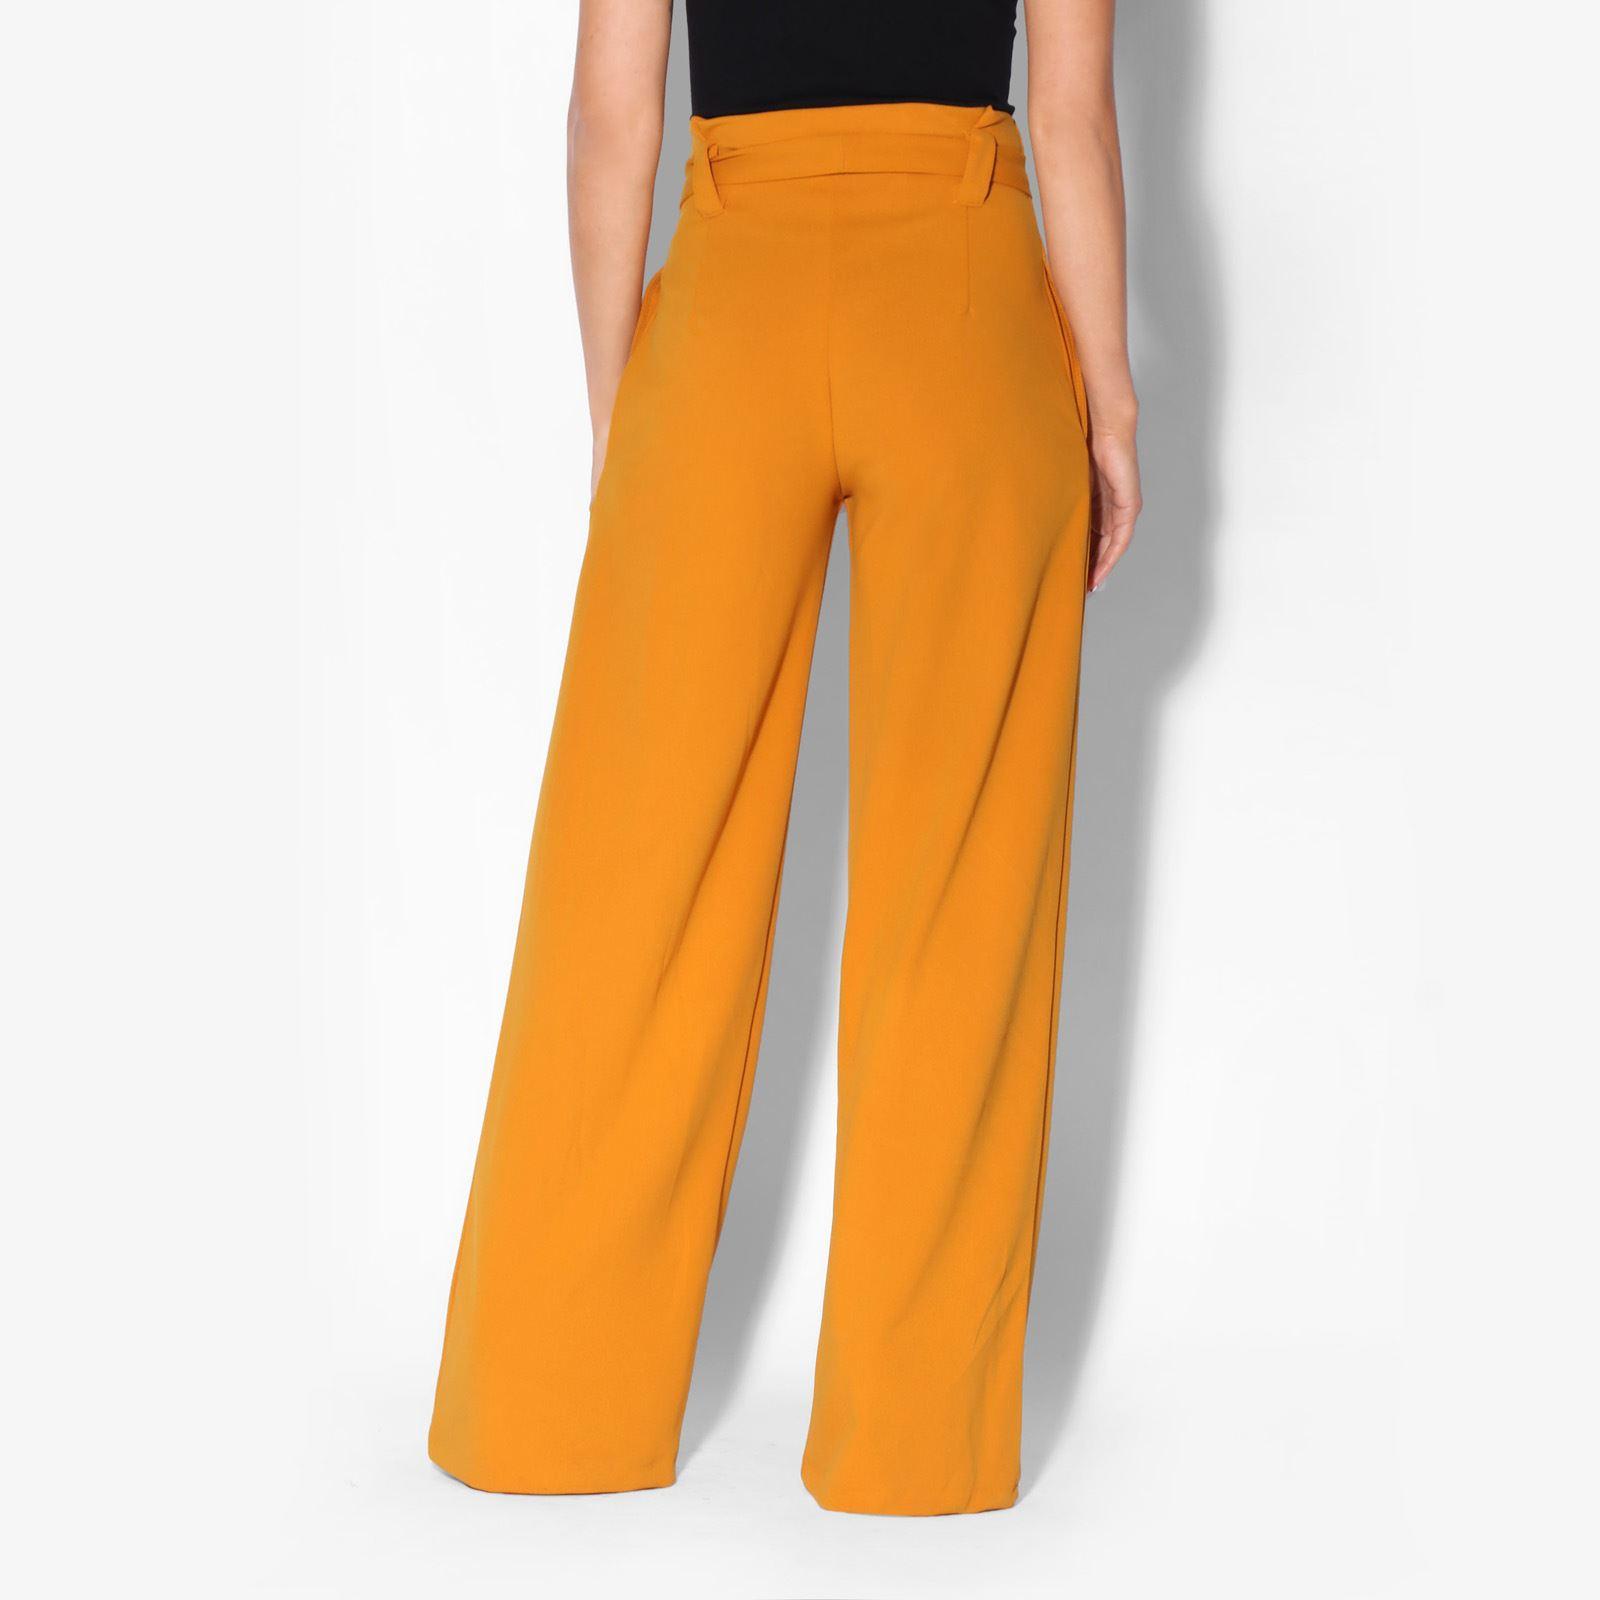 Pantalon-Femme-Grande-Taille-Ceinture-Haute-Pas-Cher-Evase-Fluide-Chic-Ample miniature 3